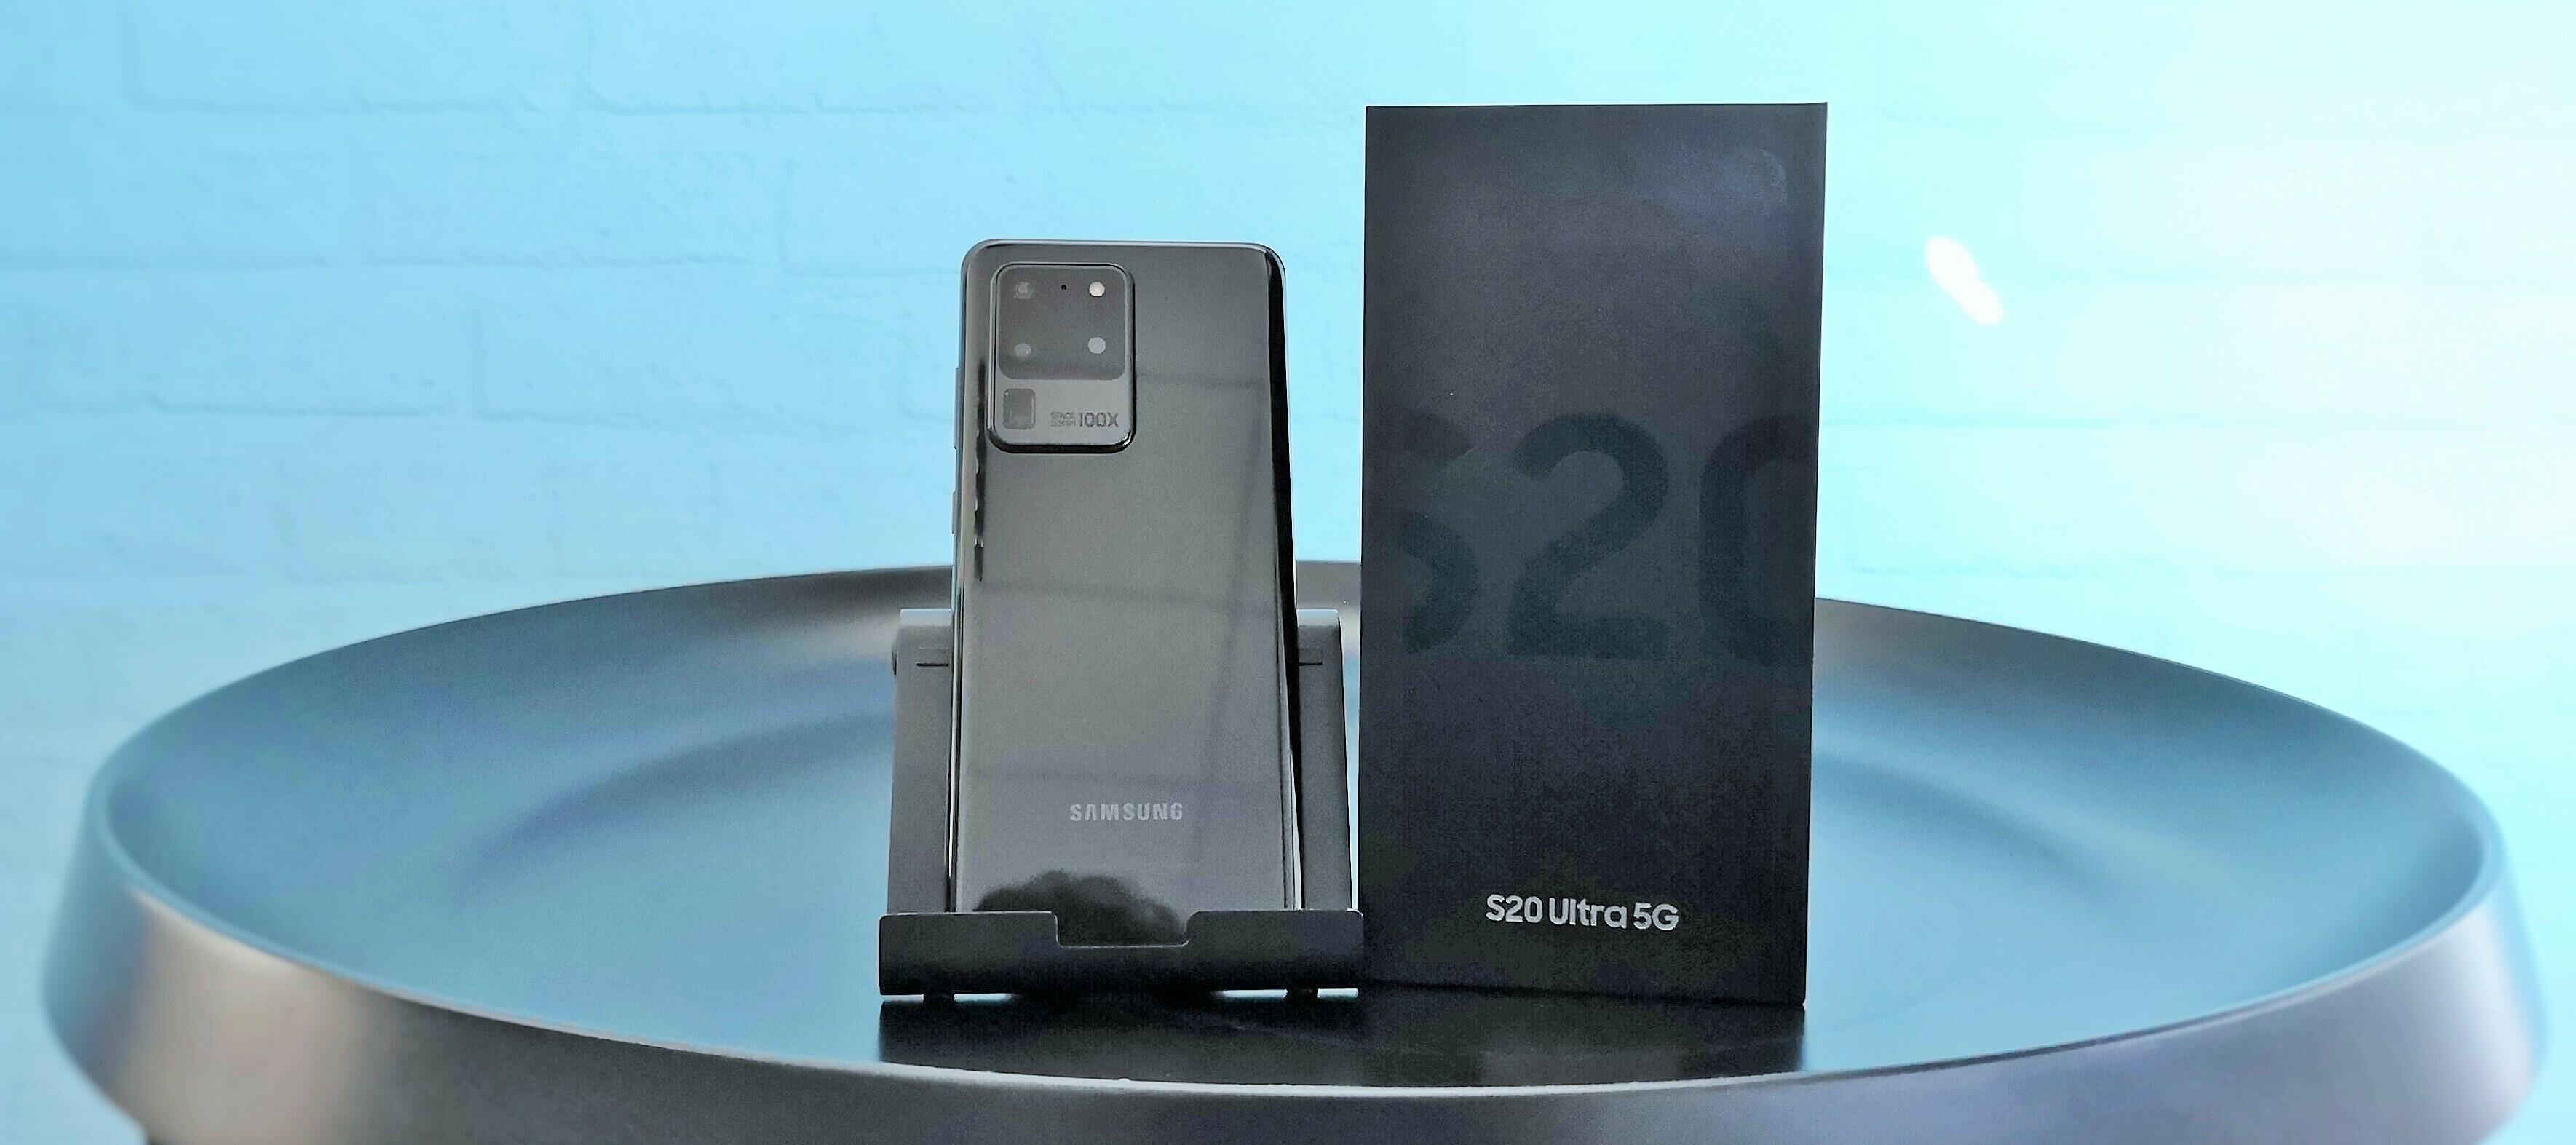 Samsung Galaxy S20 Ultra 5G Testgerät - Spitzentechnik die begeistert? Produkttester/in gesucht!